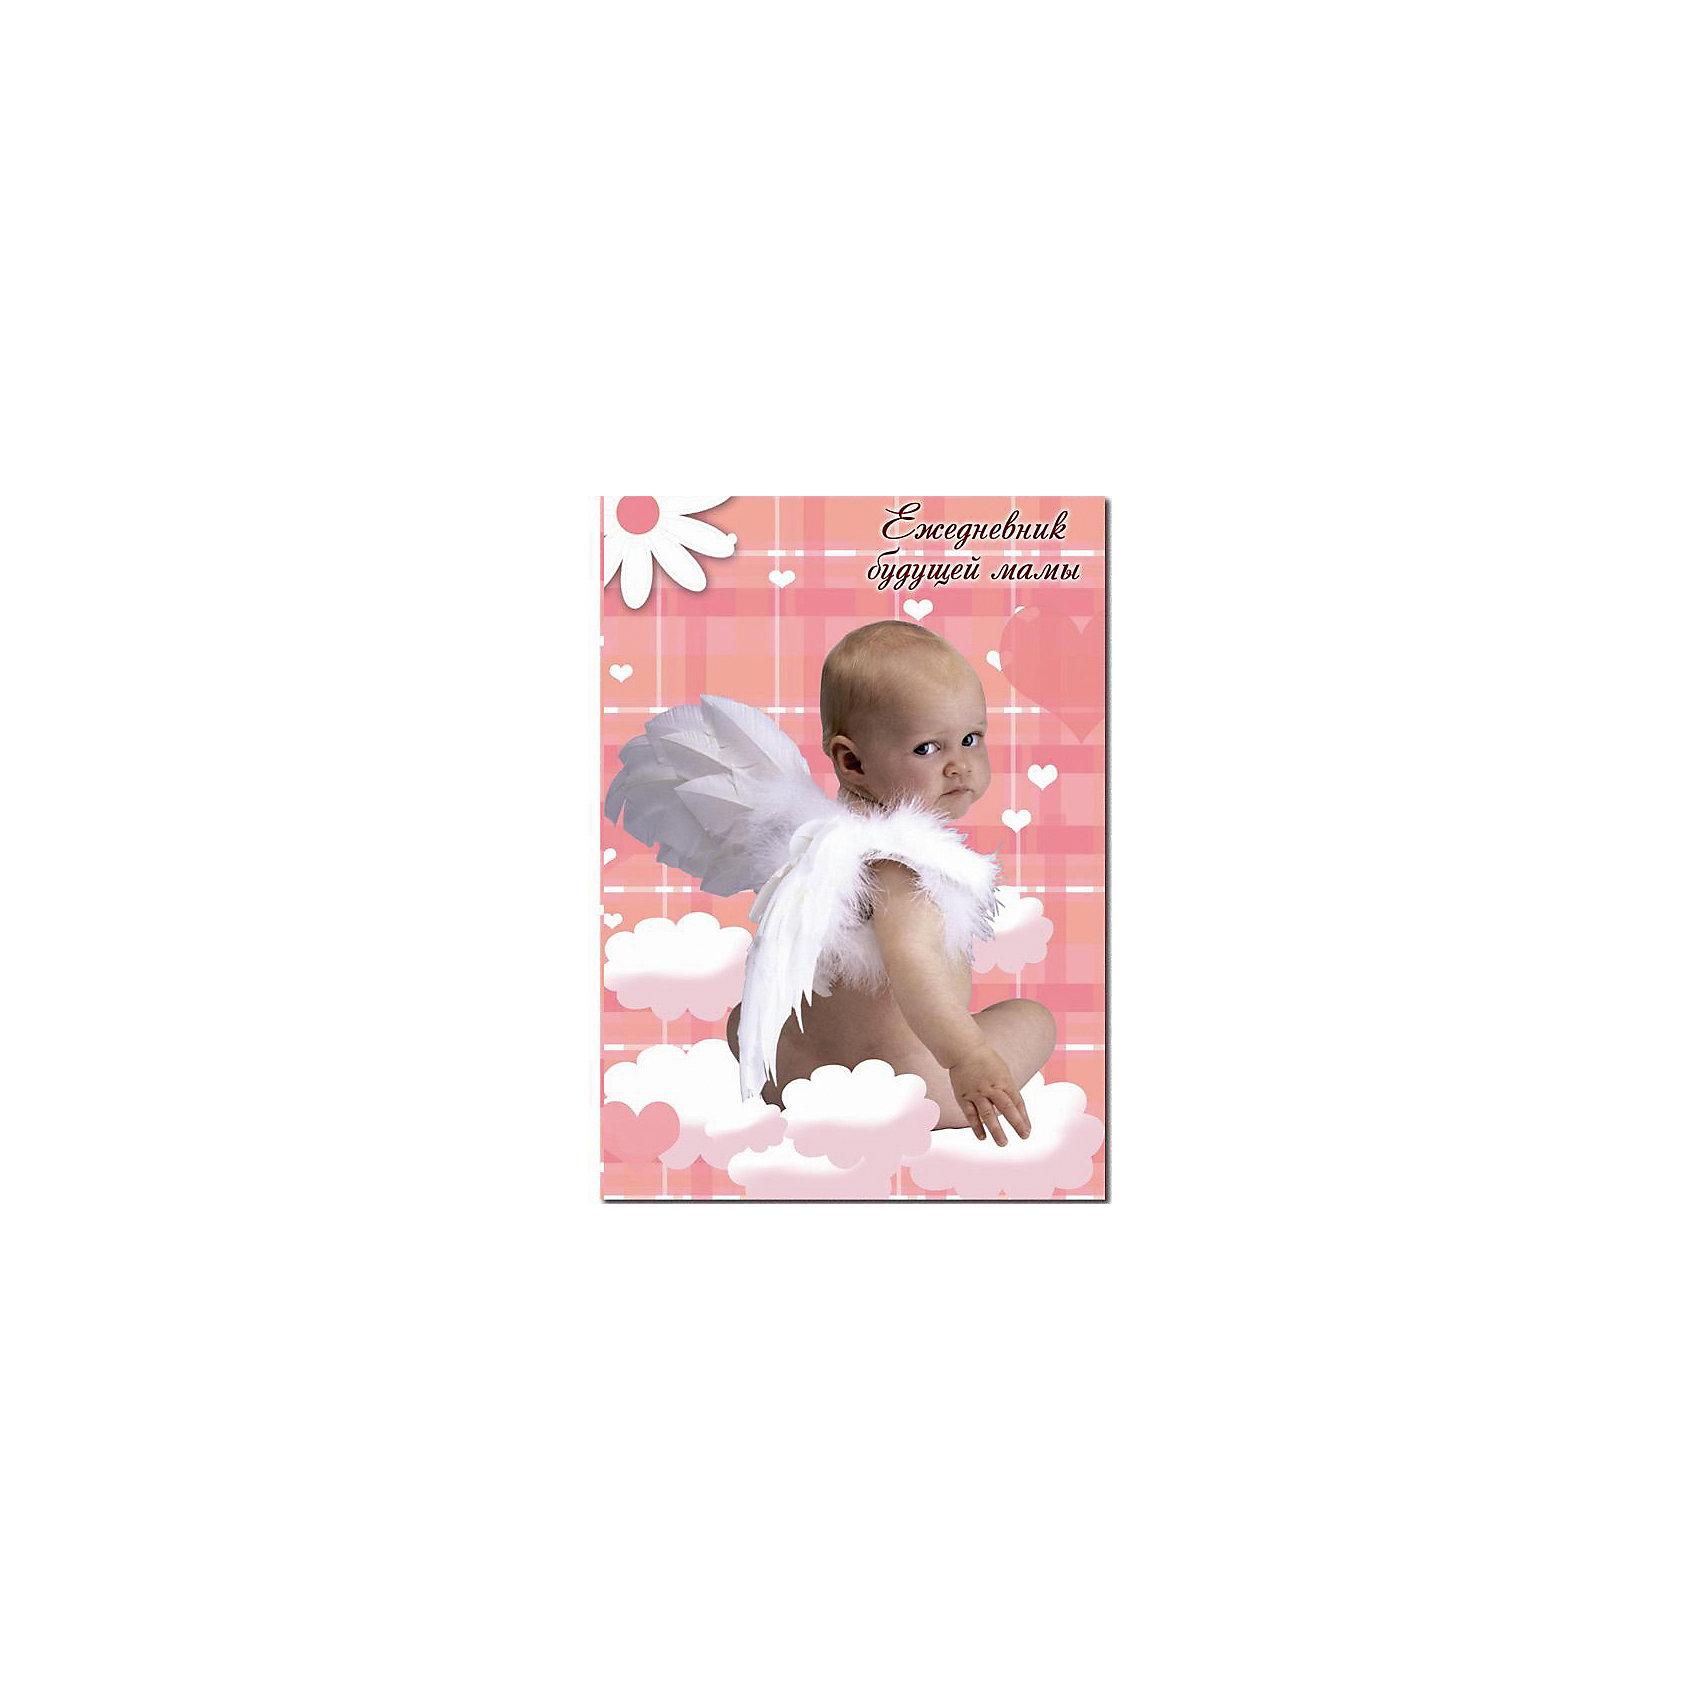 Ежедневник будущей мамы АнгелочекРешив завести ребенка нужно держать все под контролем, а милый ежедневник Вам поможет в этом!<br>В него можно записывать свои заметки, планы, обследования или фиксировать изменения состояния.<br><br>Дополнительная информация.<br><br>- Ежедневник недатированный.<br>- Формат: А6.<br>- Линовка: линия.<br>- Количество страниц: 128<br>- Крепление: книжное (прошивка).<br>- Обложка: твердая.<br>- Материал: бумага, картон.<br>- Размер упаковки: 17х12х1,5  см.<br>- Вес в упаковке: 320 г.<br><br>Купить ежедневник будущей мамы Ангелочек можно в нашем магазине.<br><br>Ширина мм: 170<br>Глубина мм: 120<br>Высота мм: 15<br>Вес г: 320<br>Возраст от месяцев: -2147483648<br>Возраст до месяцев: 2147483647<br>Пол: Женский<br>Возраст: Детский<br>SKU: 4943553